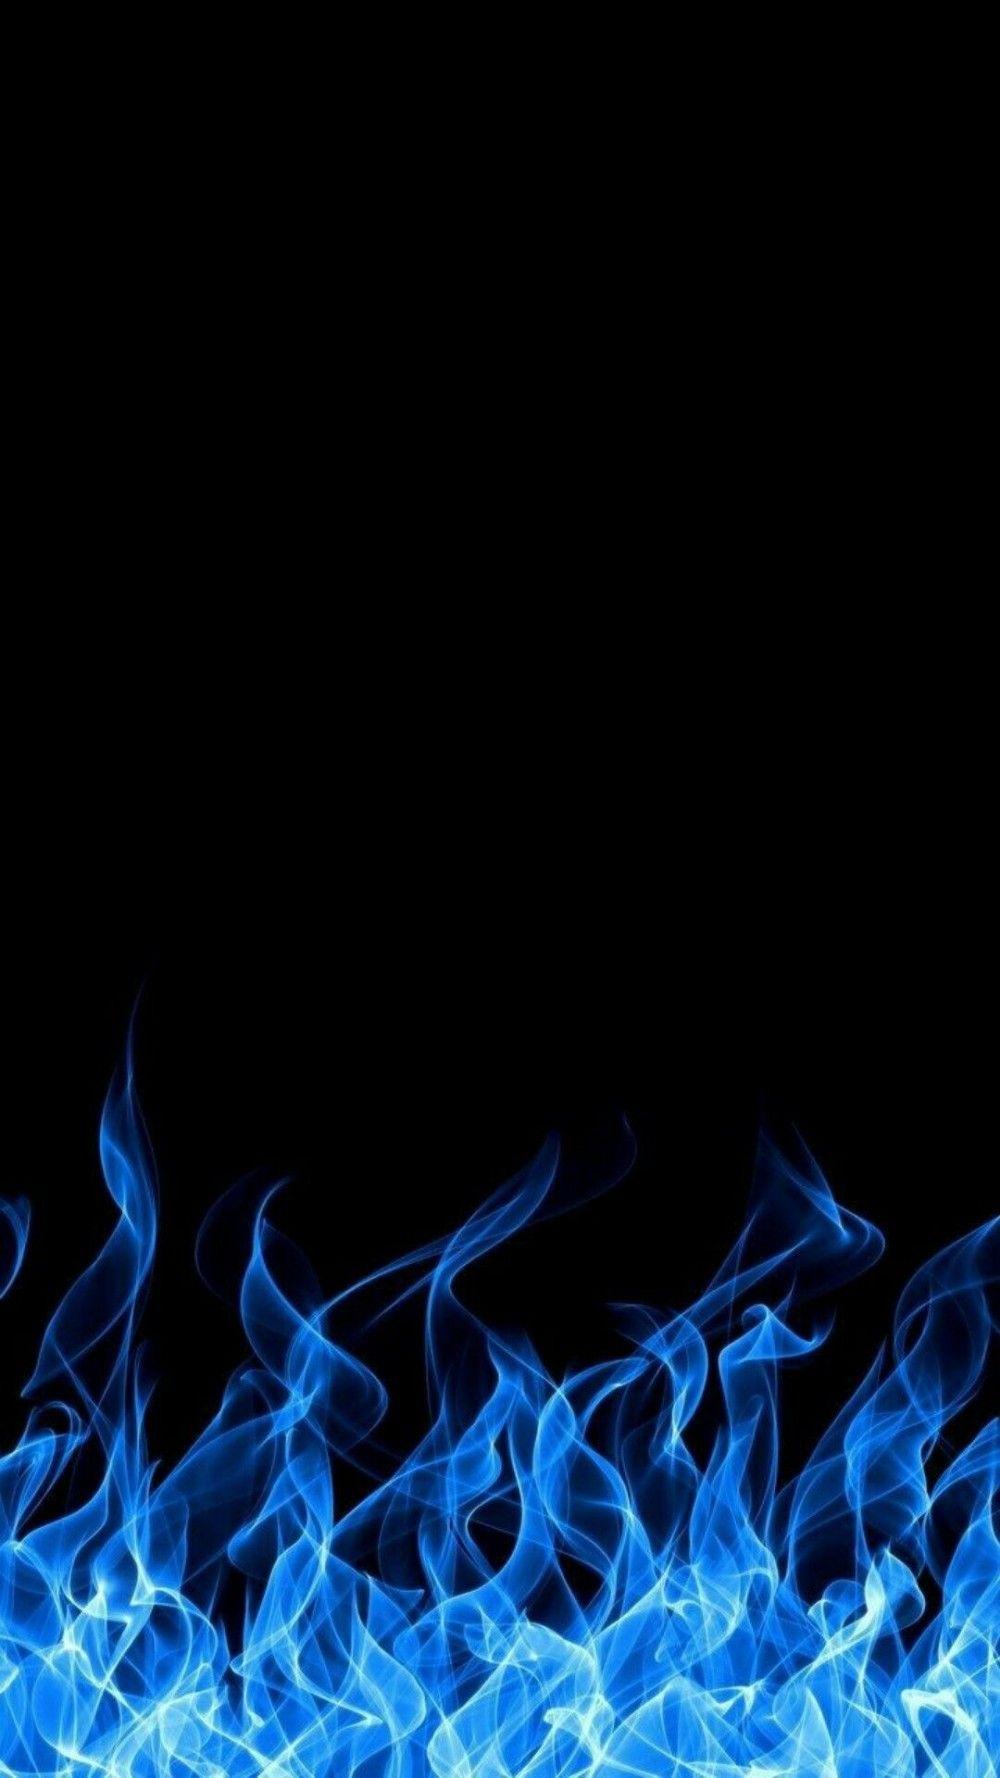 Blue Fire Background Image Em 2020 Fundo De Fogo Papeis De Parede Papeis De Parede Hd Celular